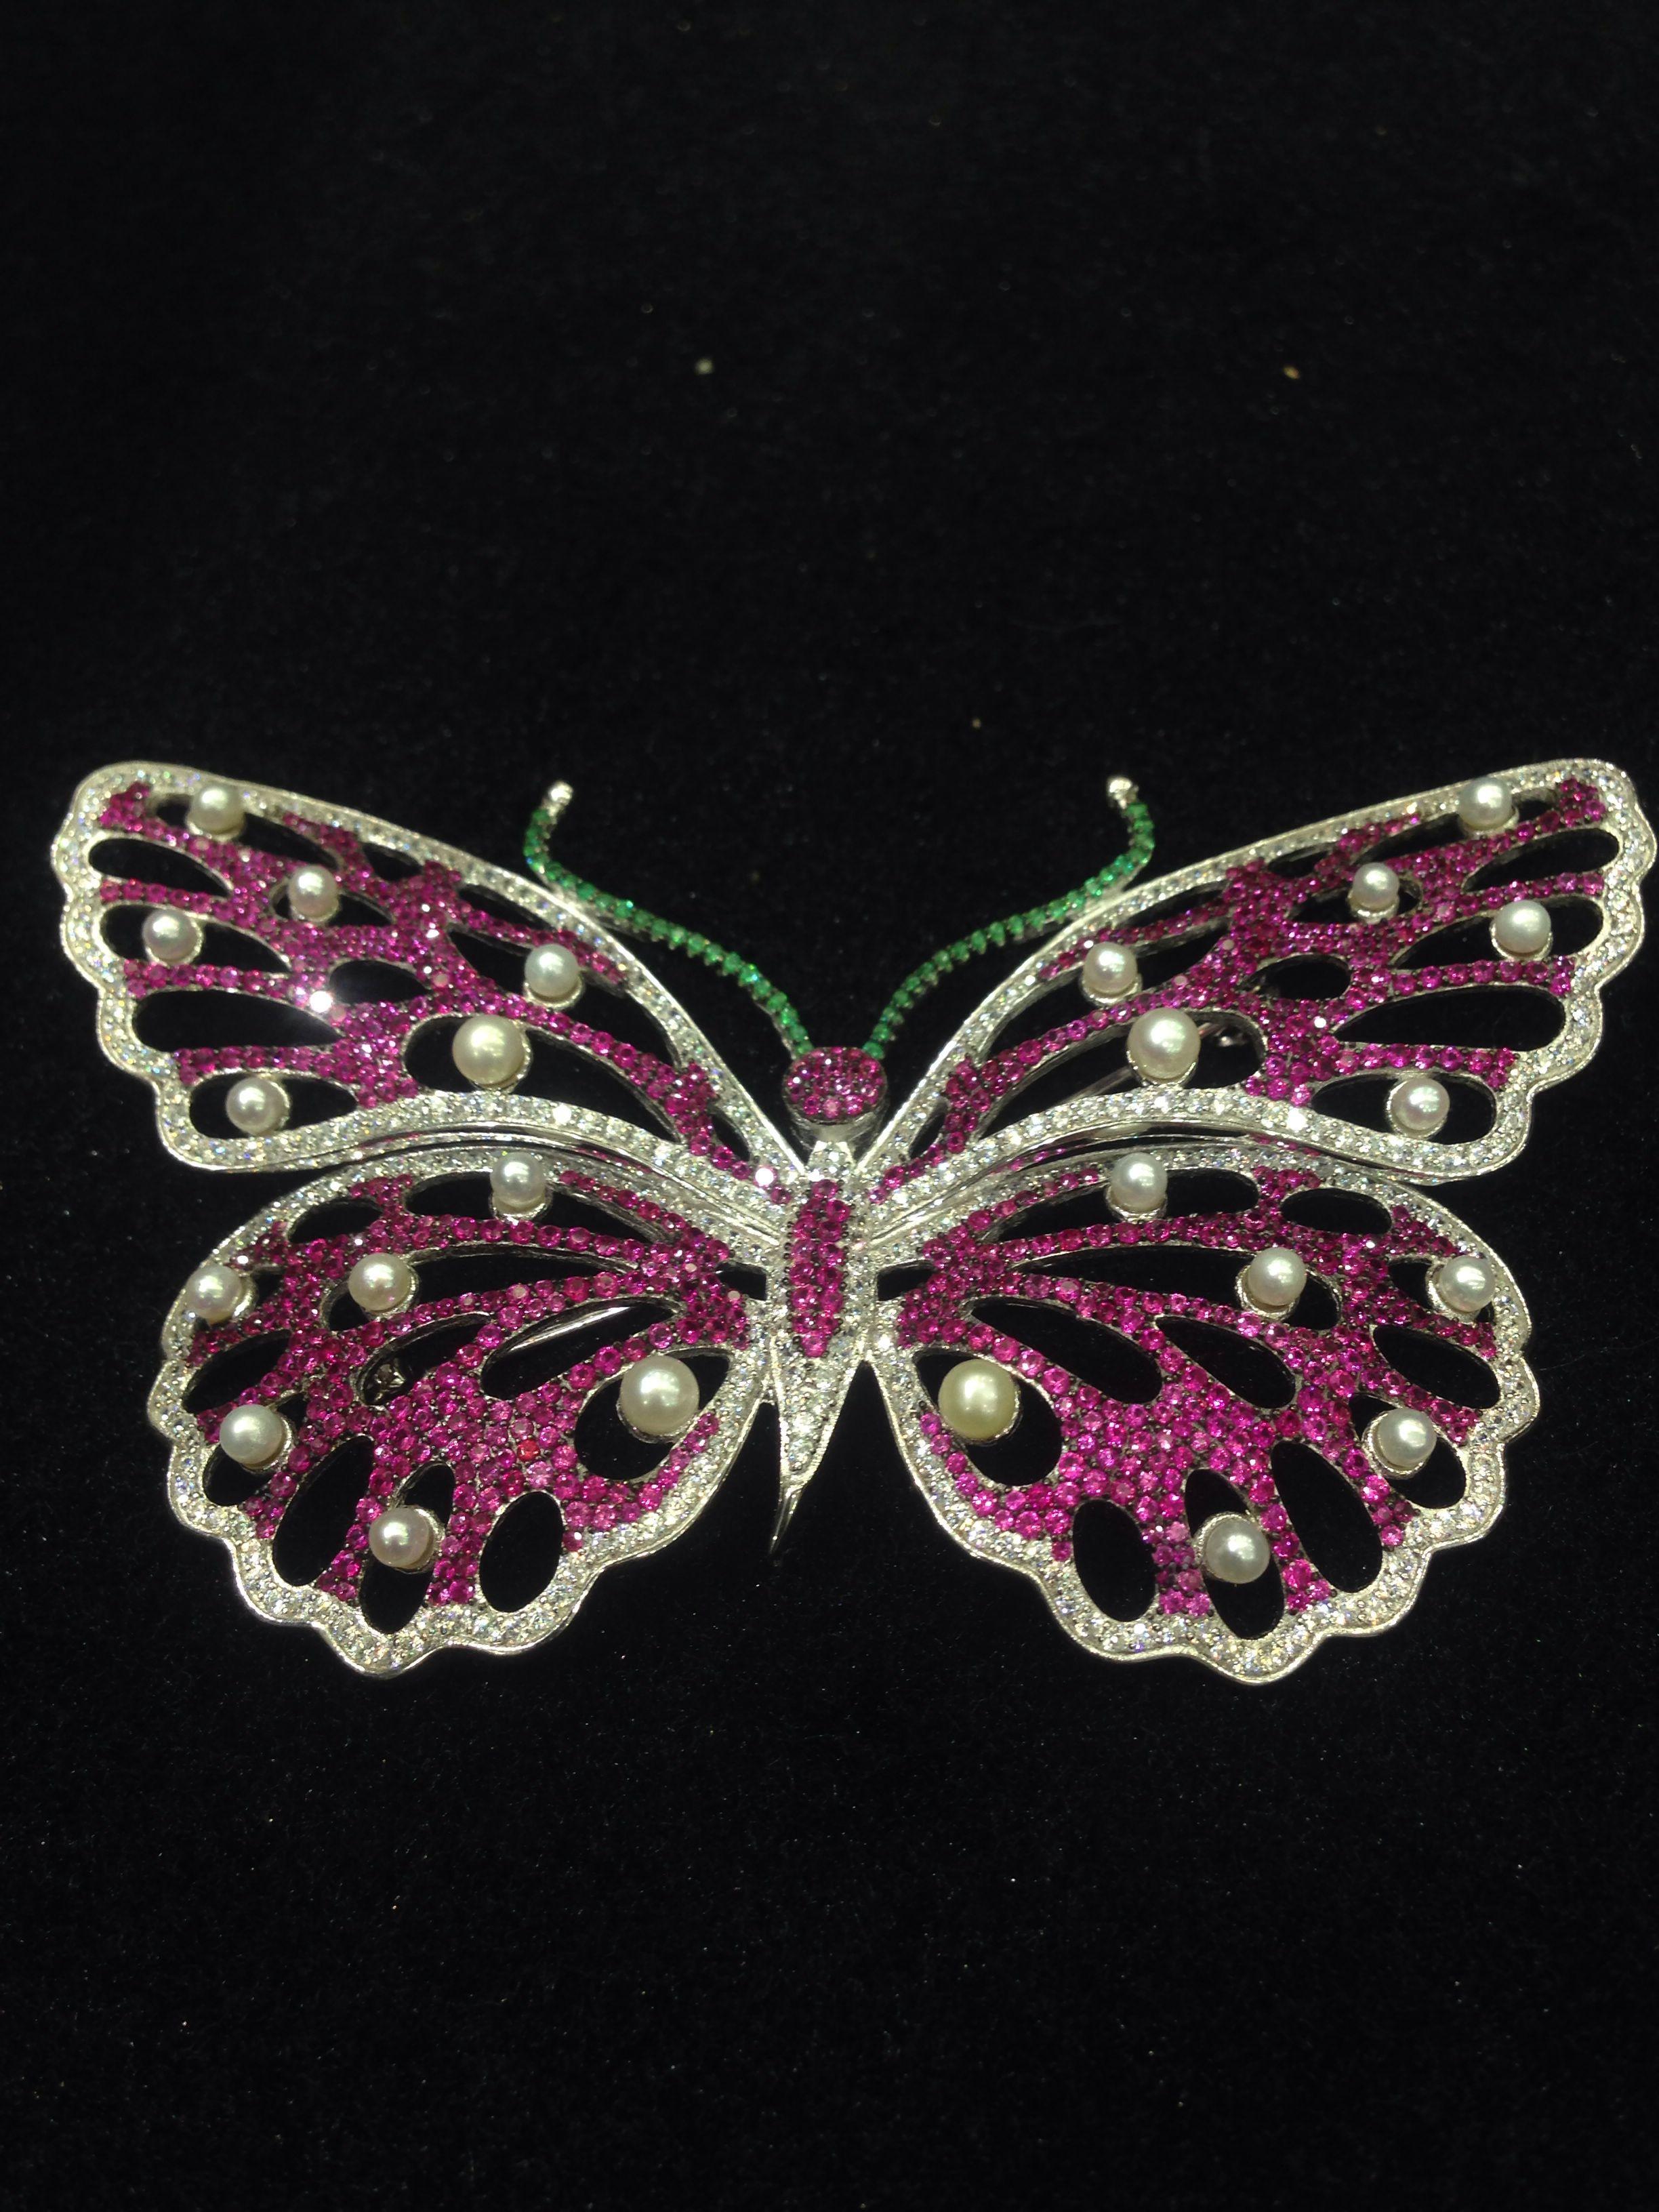 Luxury quality full cubic zircon brooch butterfly corsage decoration female 925 silver Big Butterfly Brooch Women Jewelry darkgreen rhinestone butterfly brooch